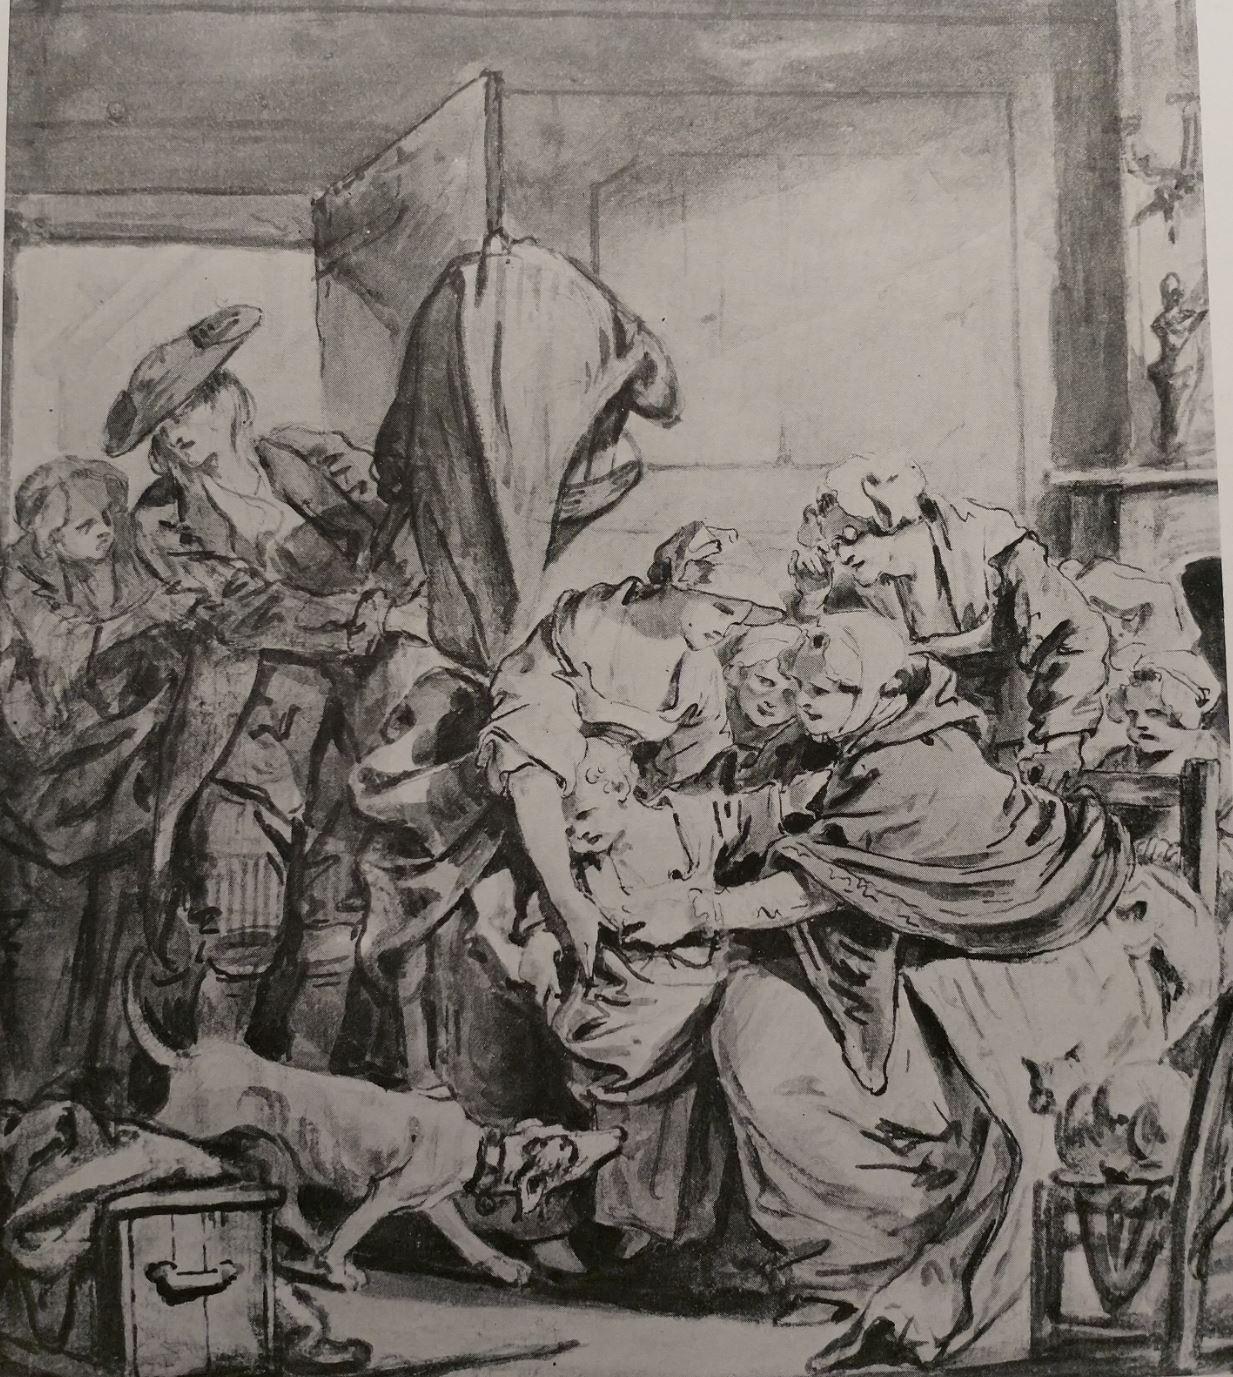 Greuze 1767 Le retour de nourrice anciennement Simon Norton Foundation